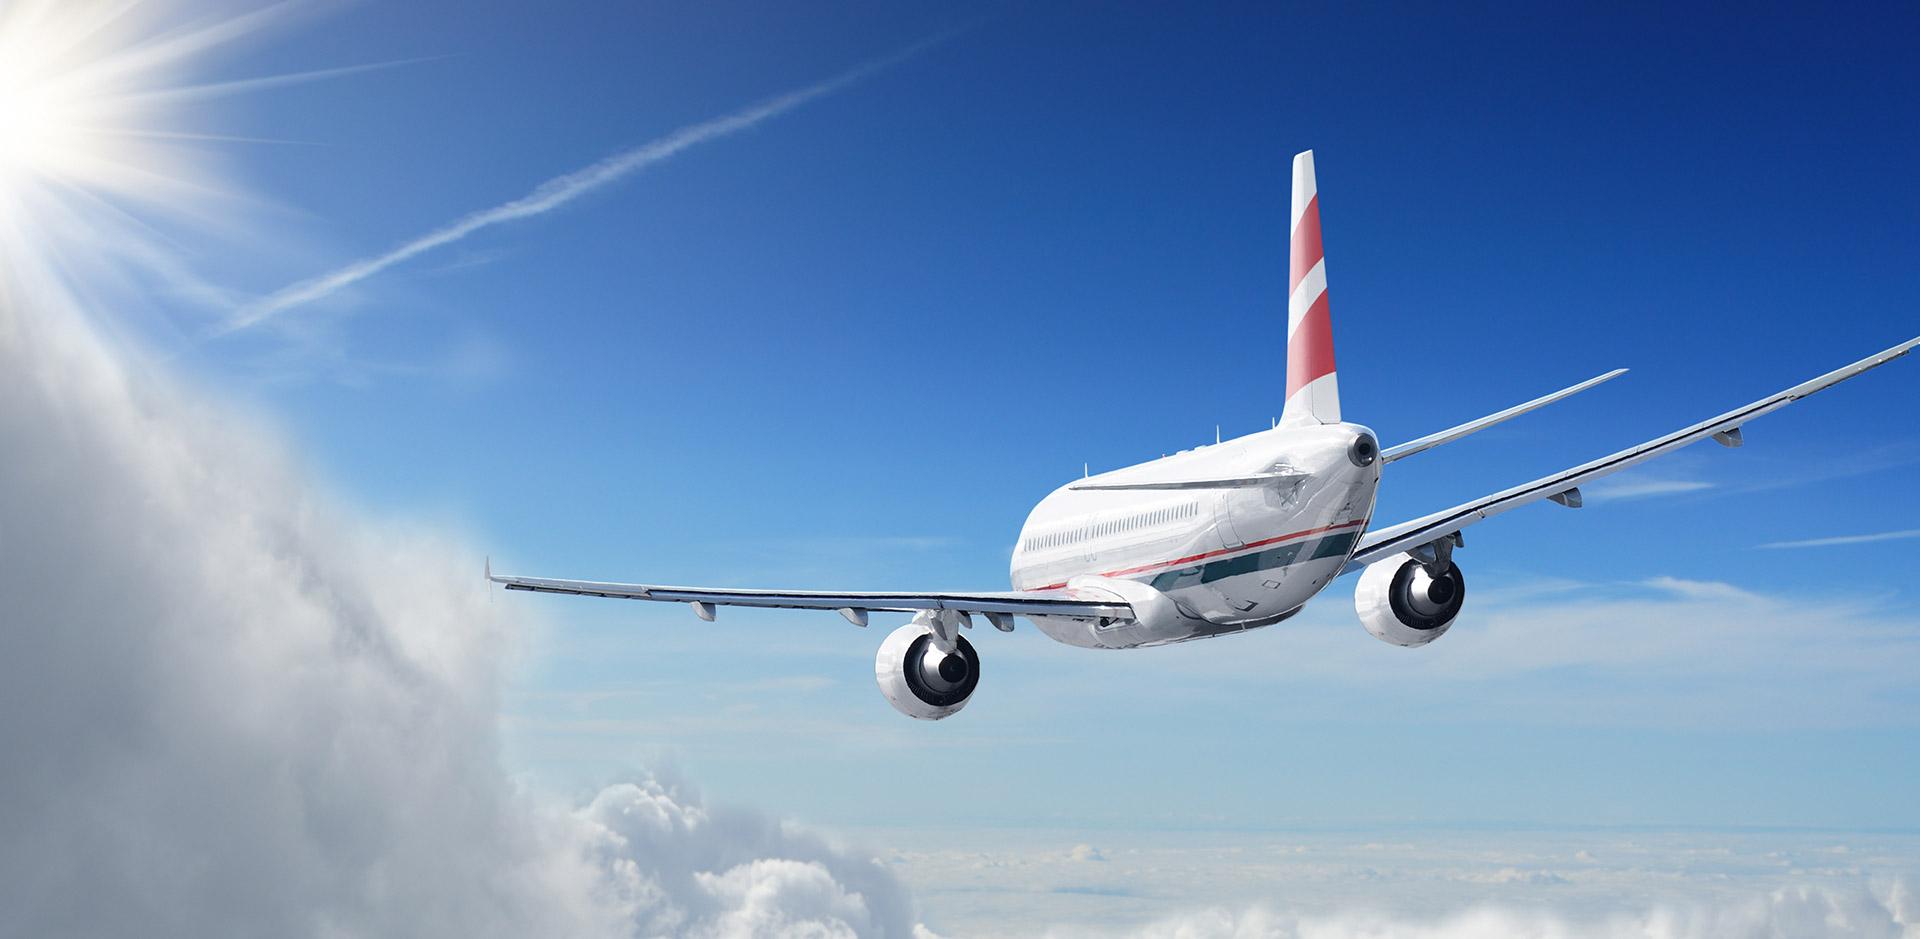 Europe air broker